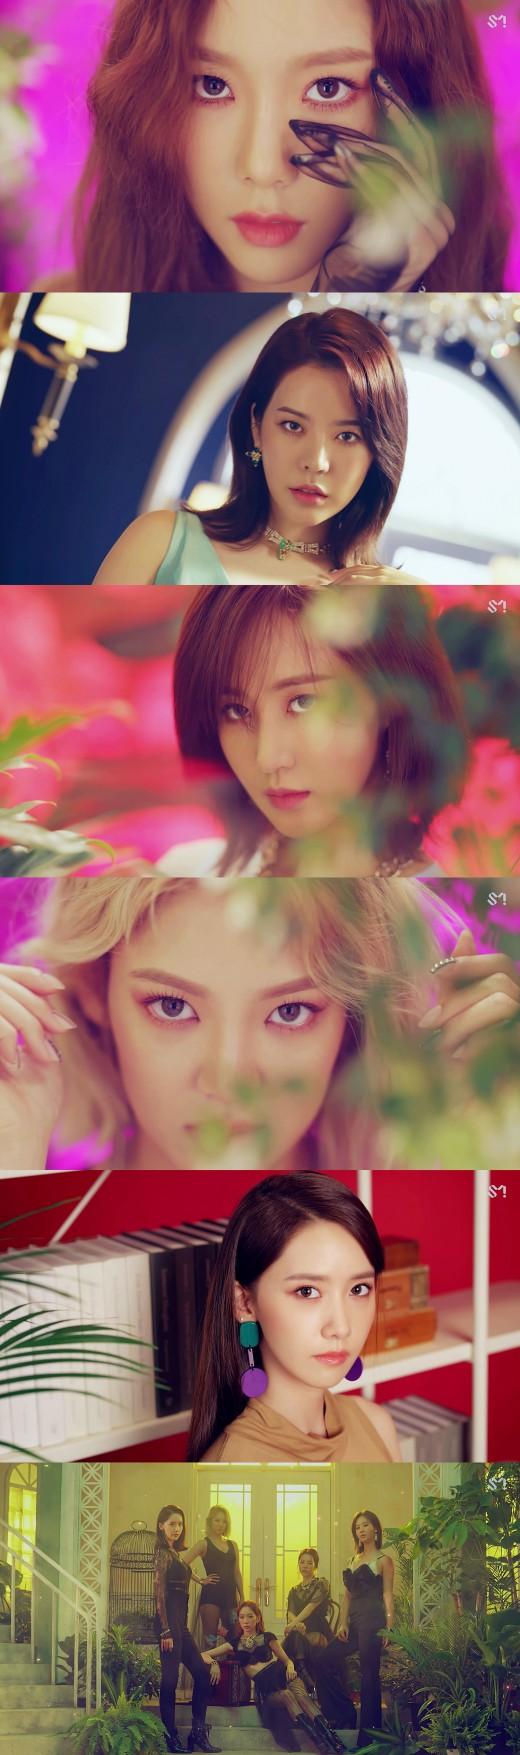 5인조 소녀시대 어떨까_이미지2